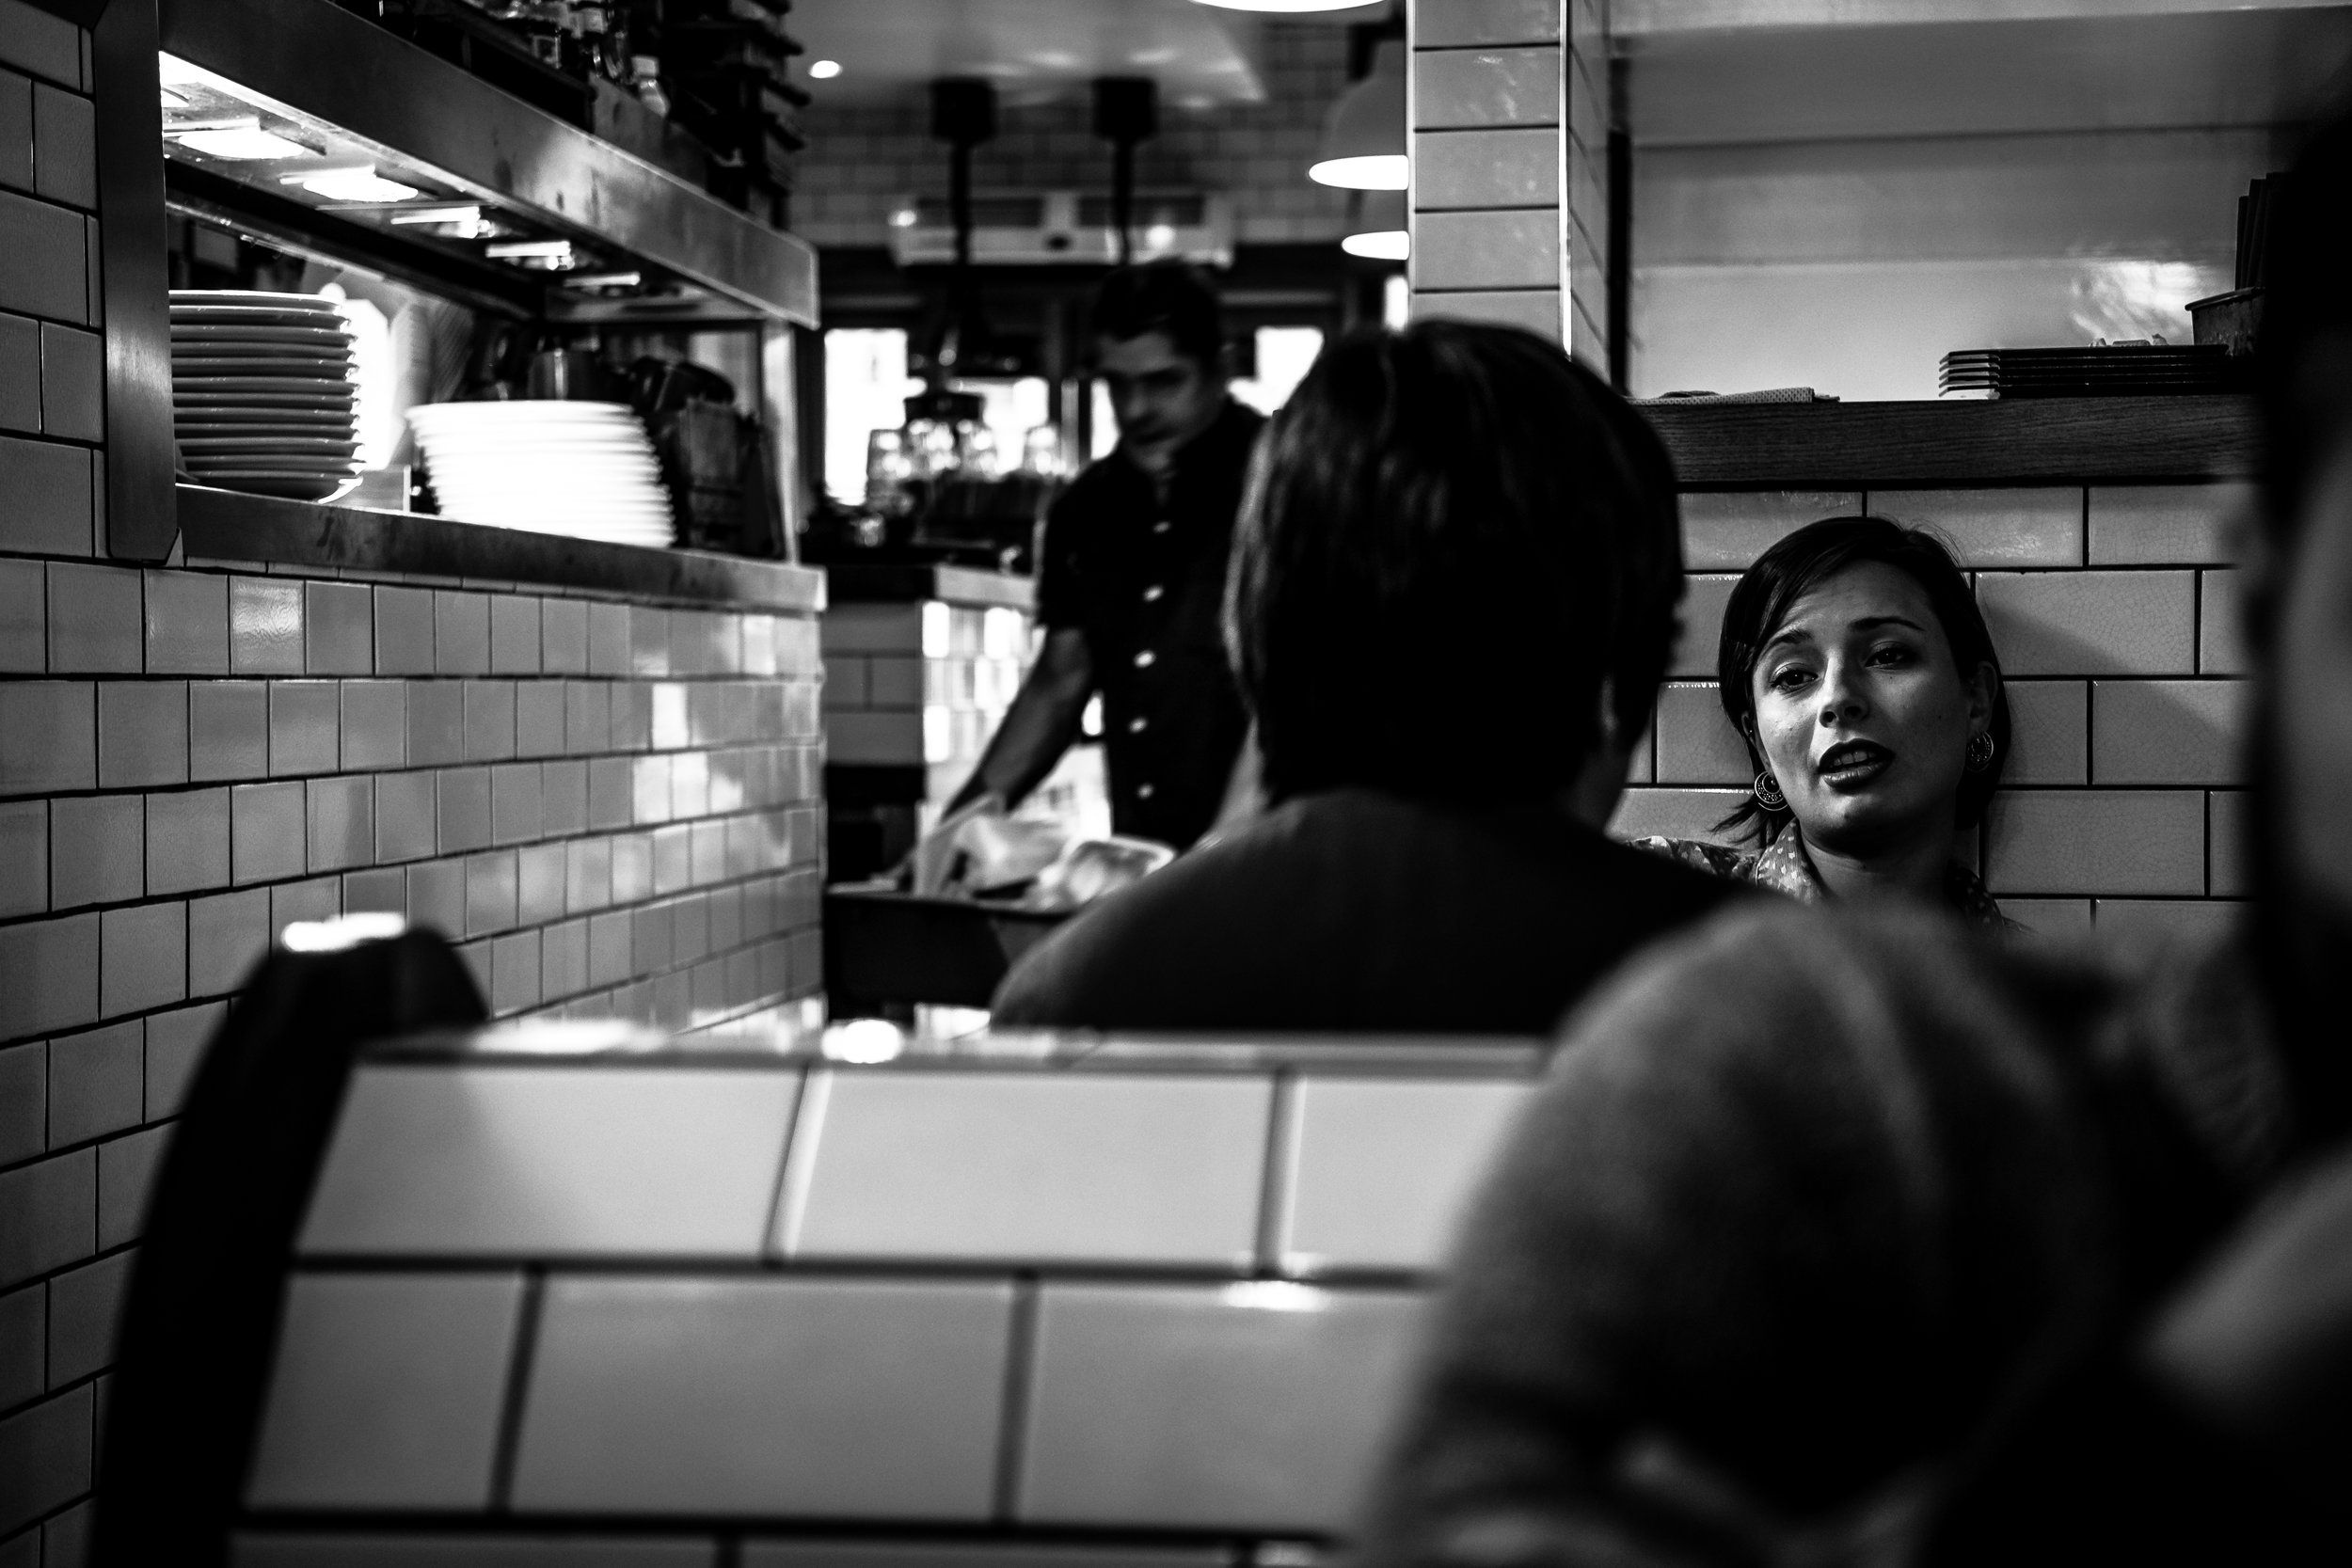 009 The Cafe.jpg